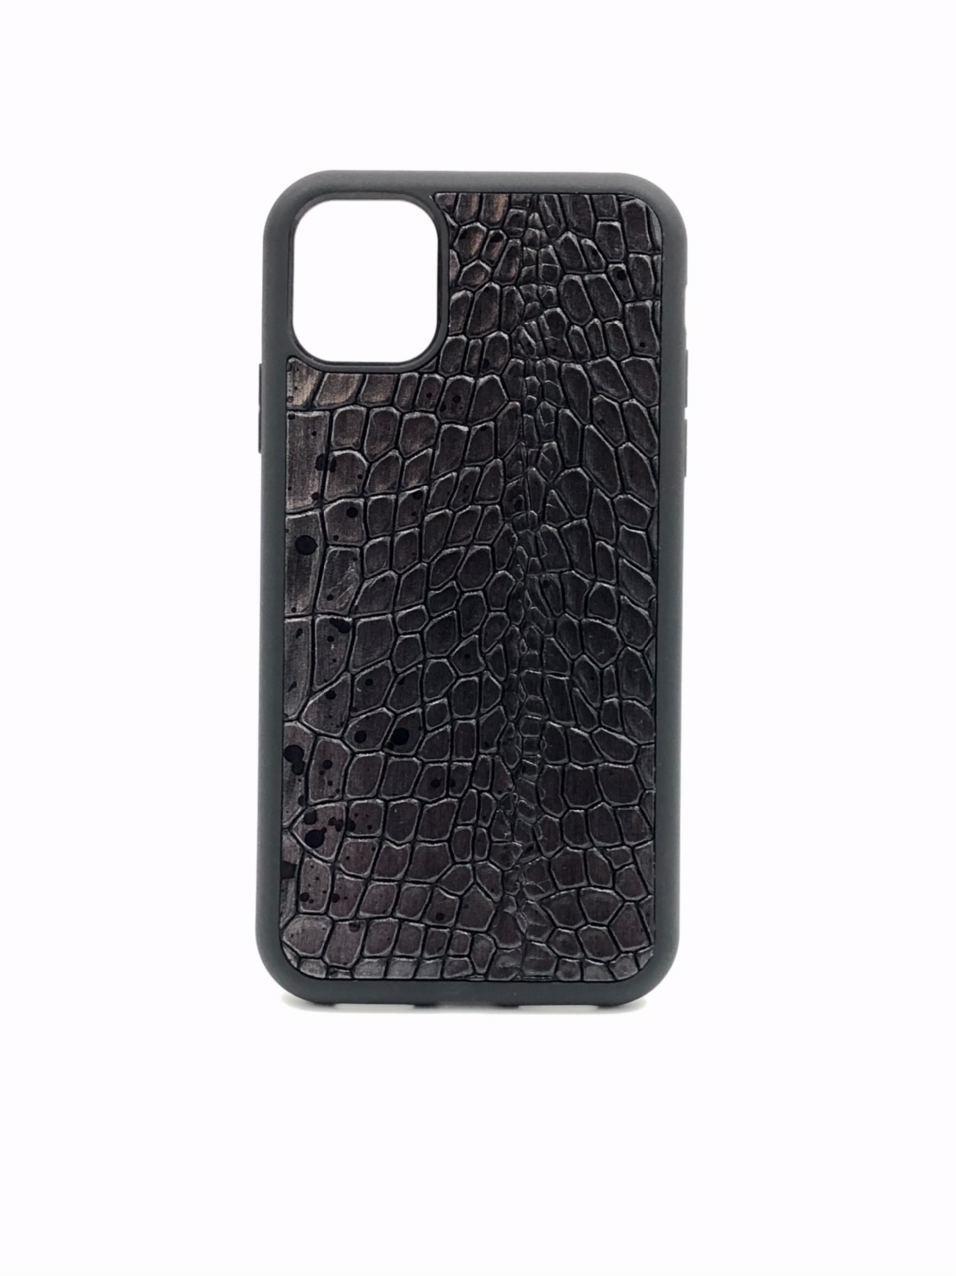 Чехол для iPhone 11 Pro чёрного цвета из Телячьей кожи тиснёной под Крокодила